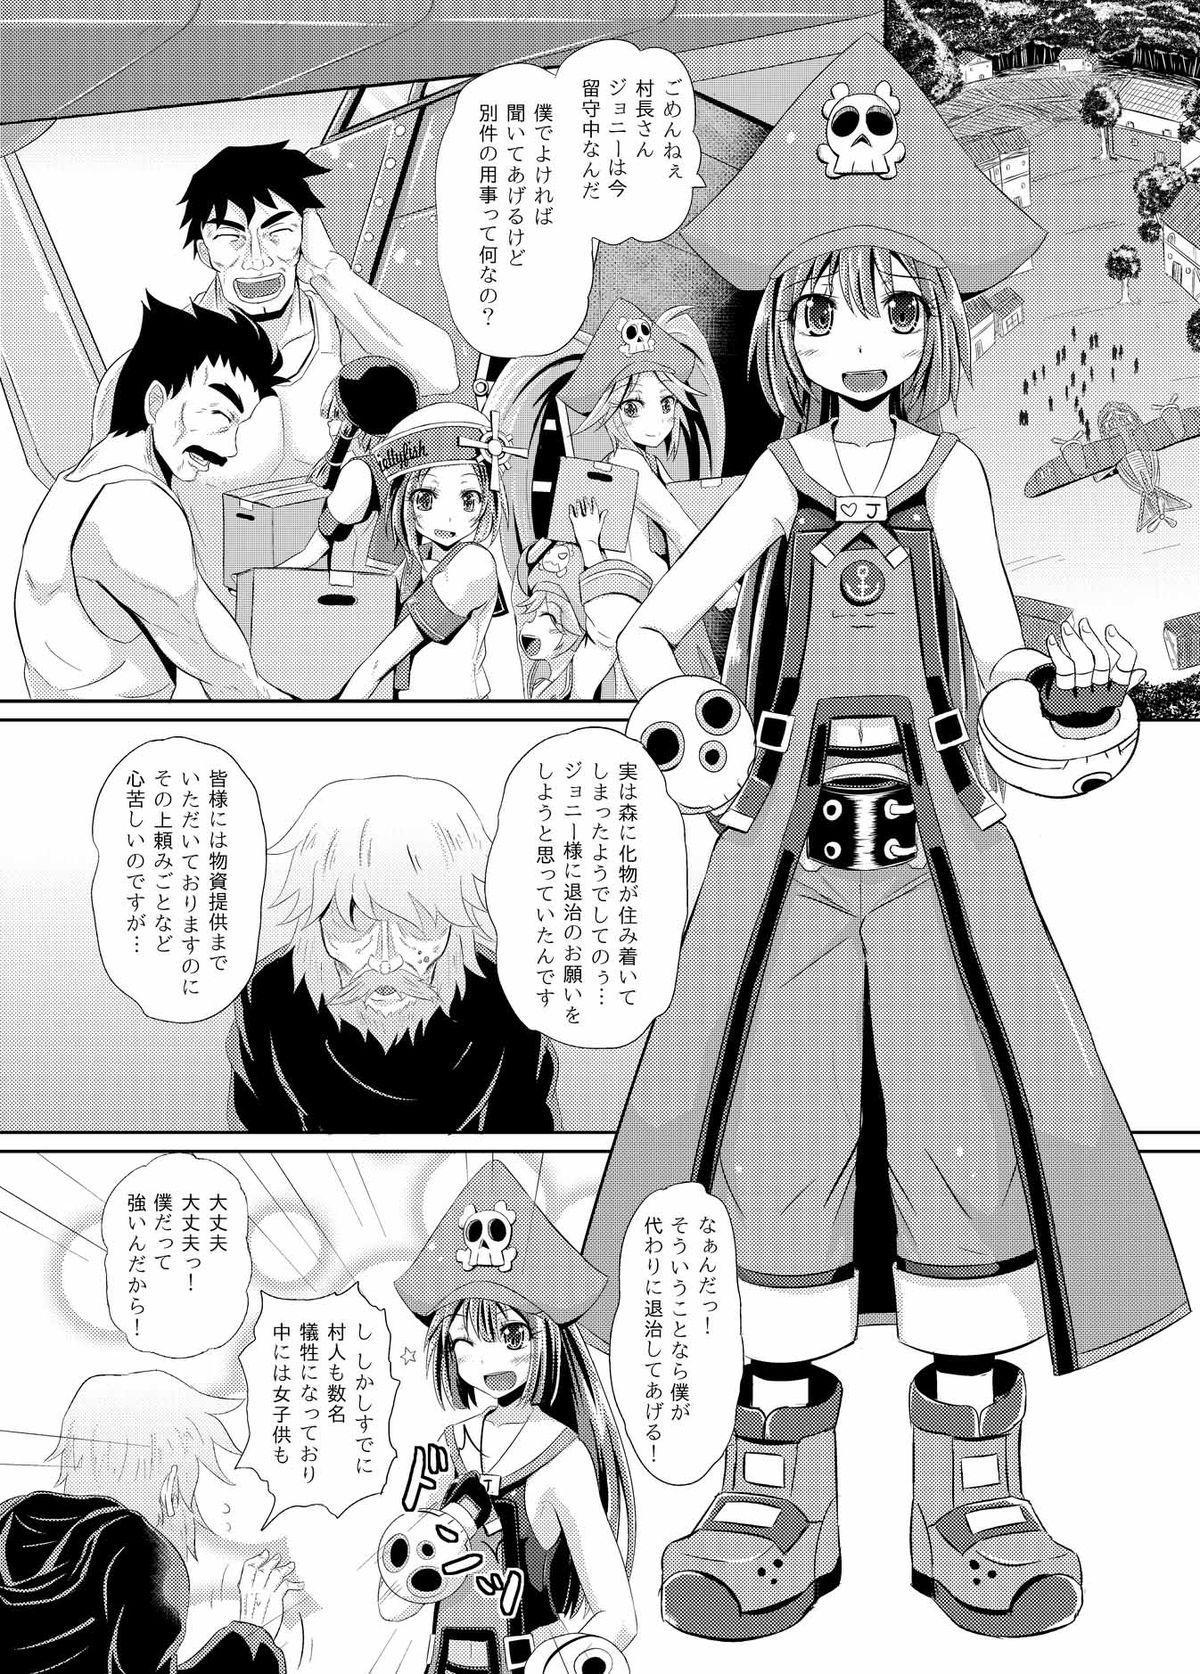 Kaizoku Shokkan 2